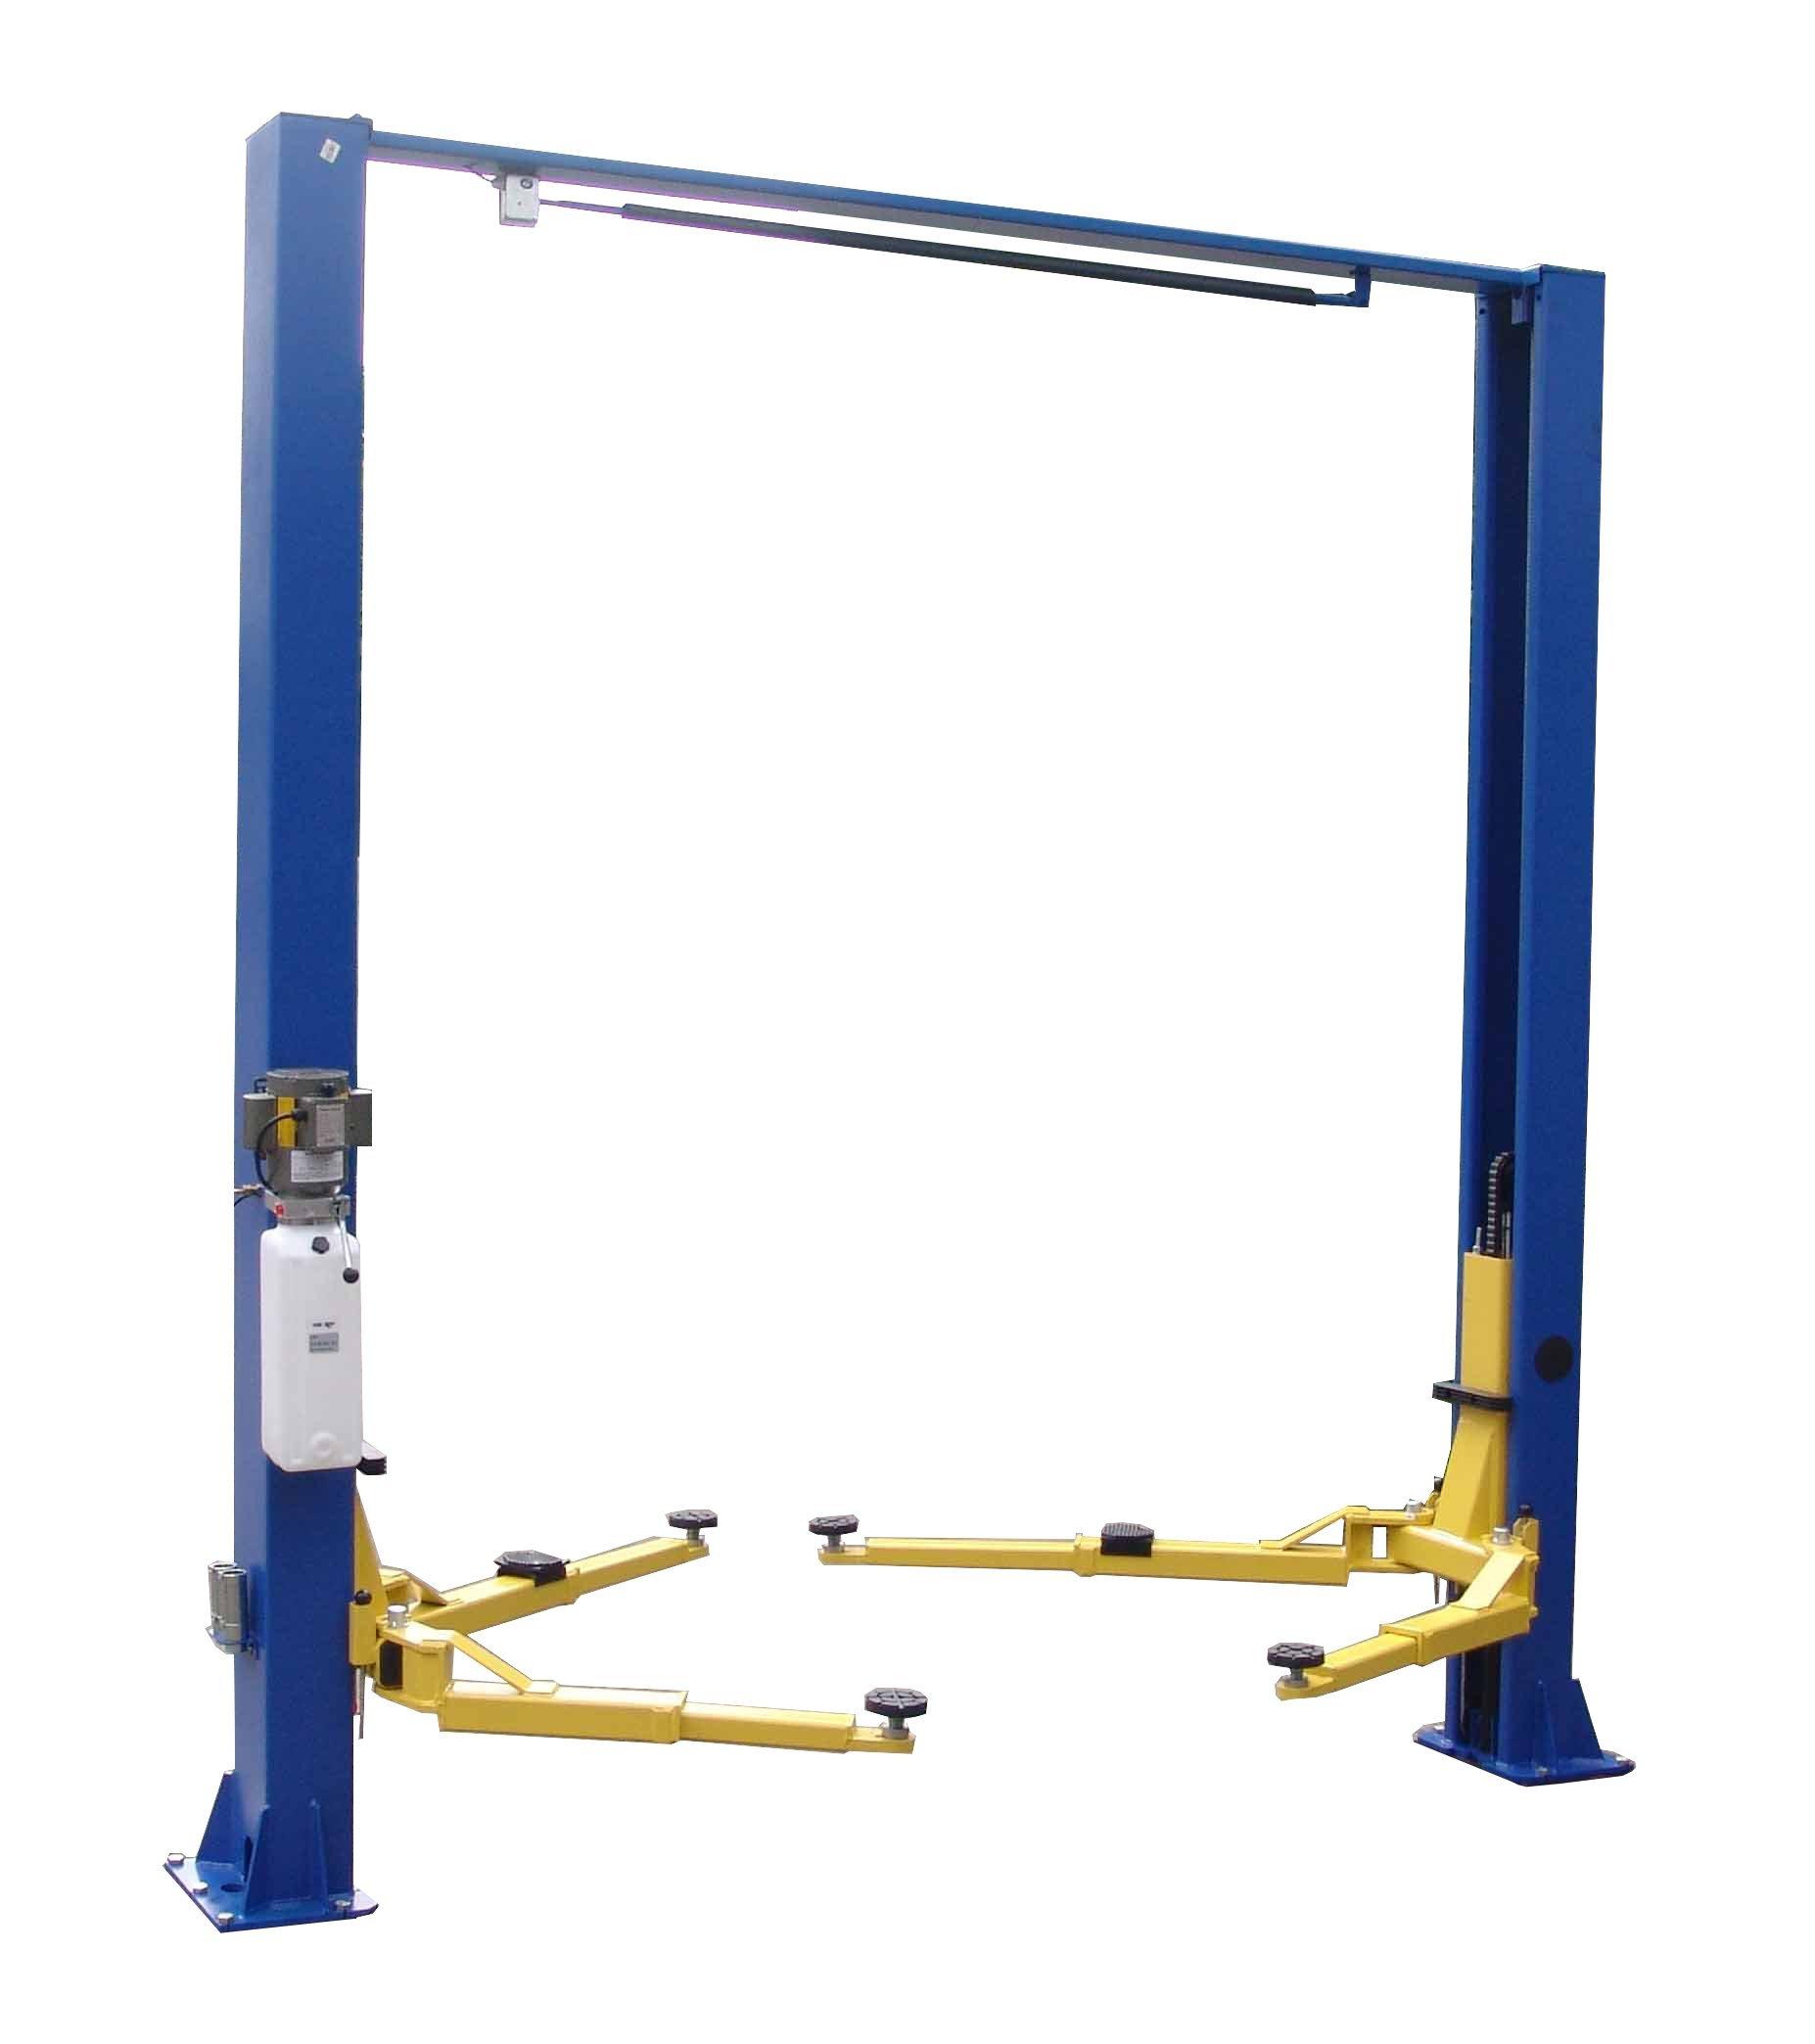 LiftTech 2 Post Lift - 9,000lbs Asymmetric